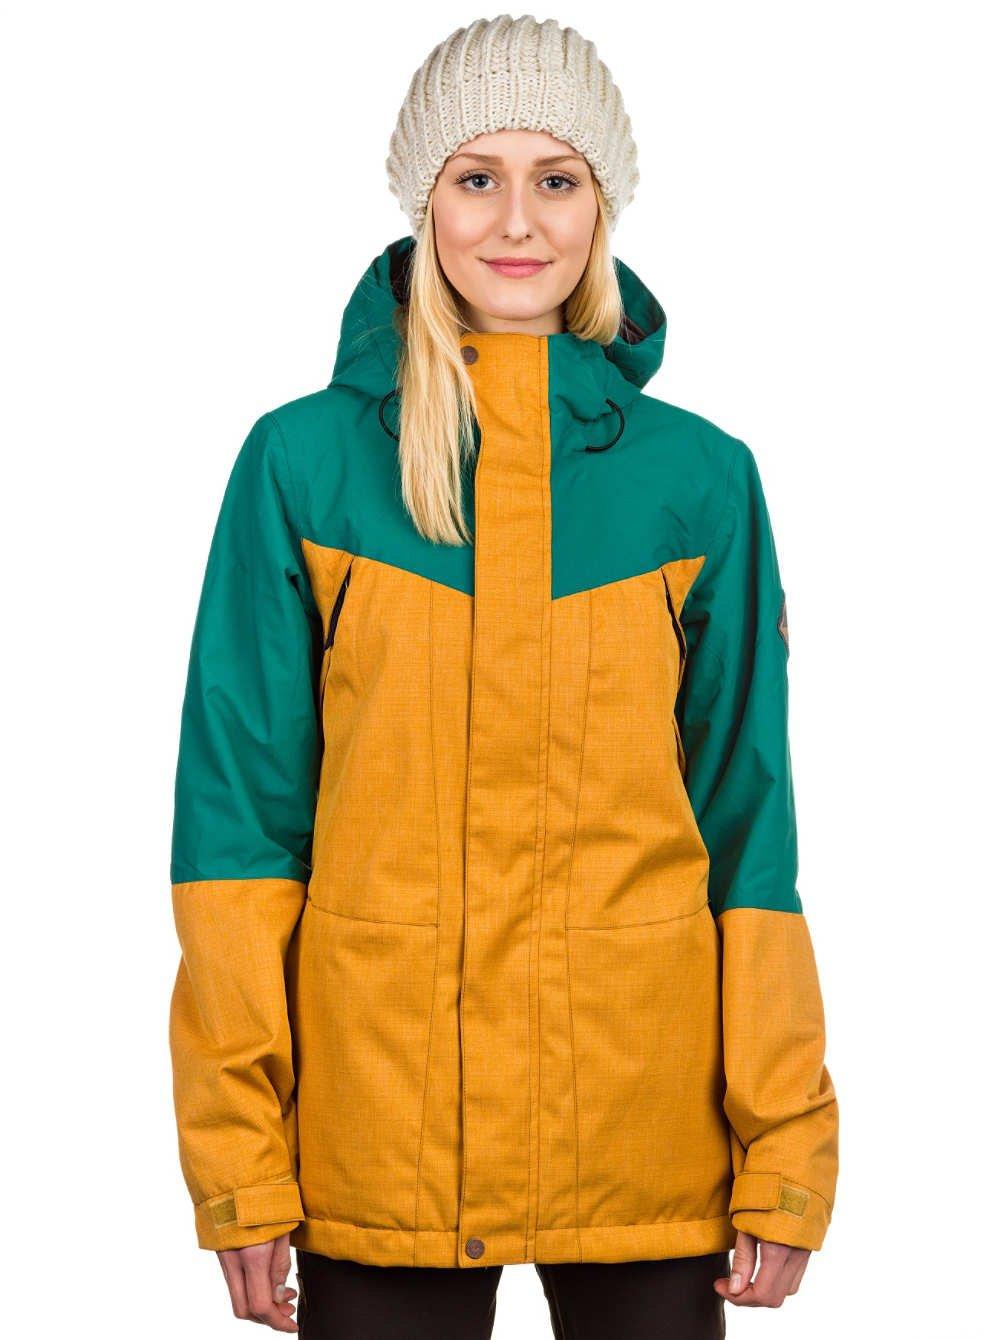 Damen Snowboard Jacke Bonfire Mckenna Jacket günstig kaufen